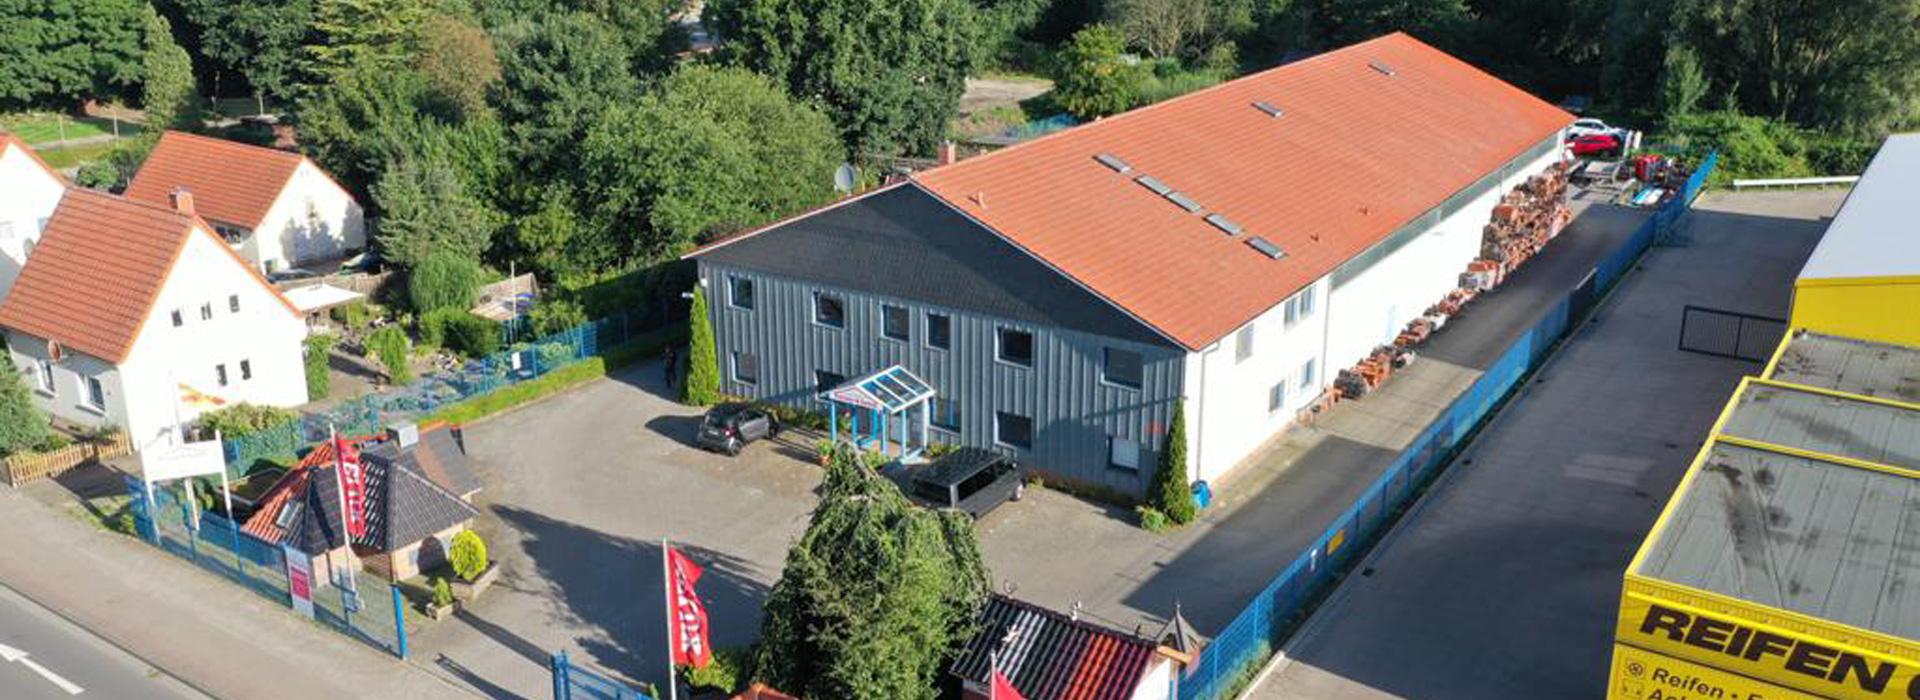 DachdeckereiWerner Förster & Sohn GmbH